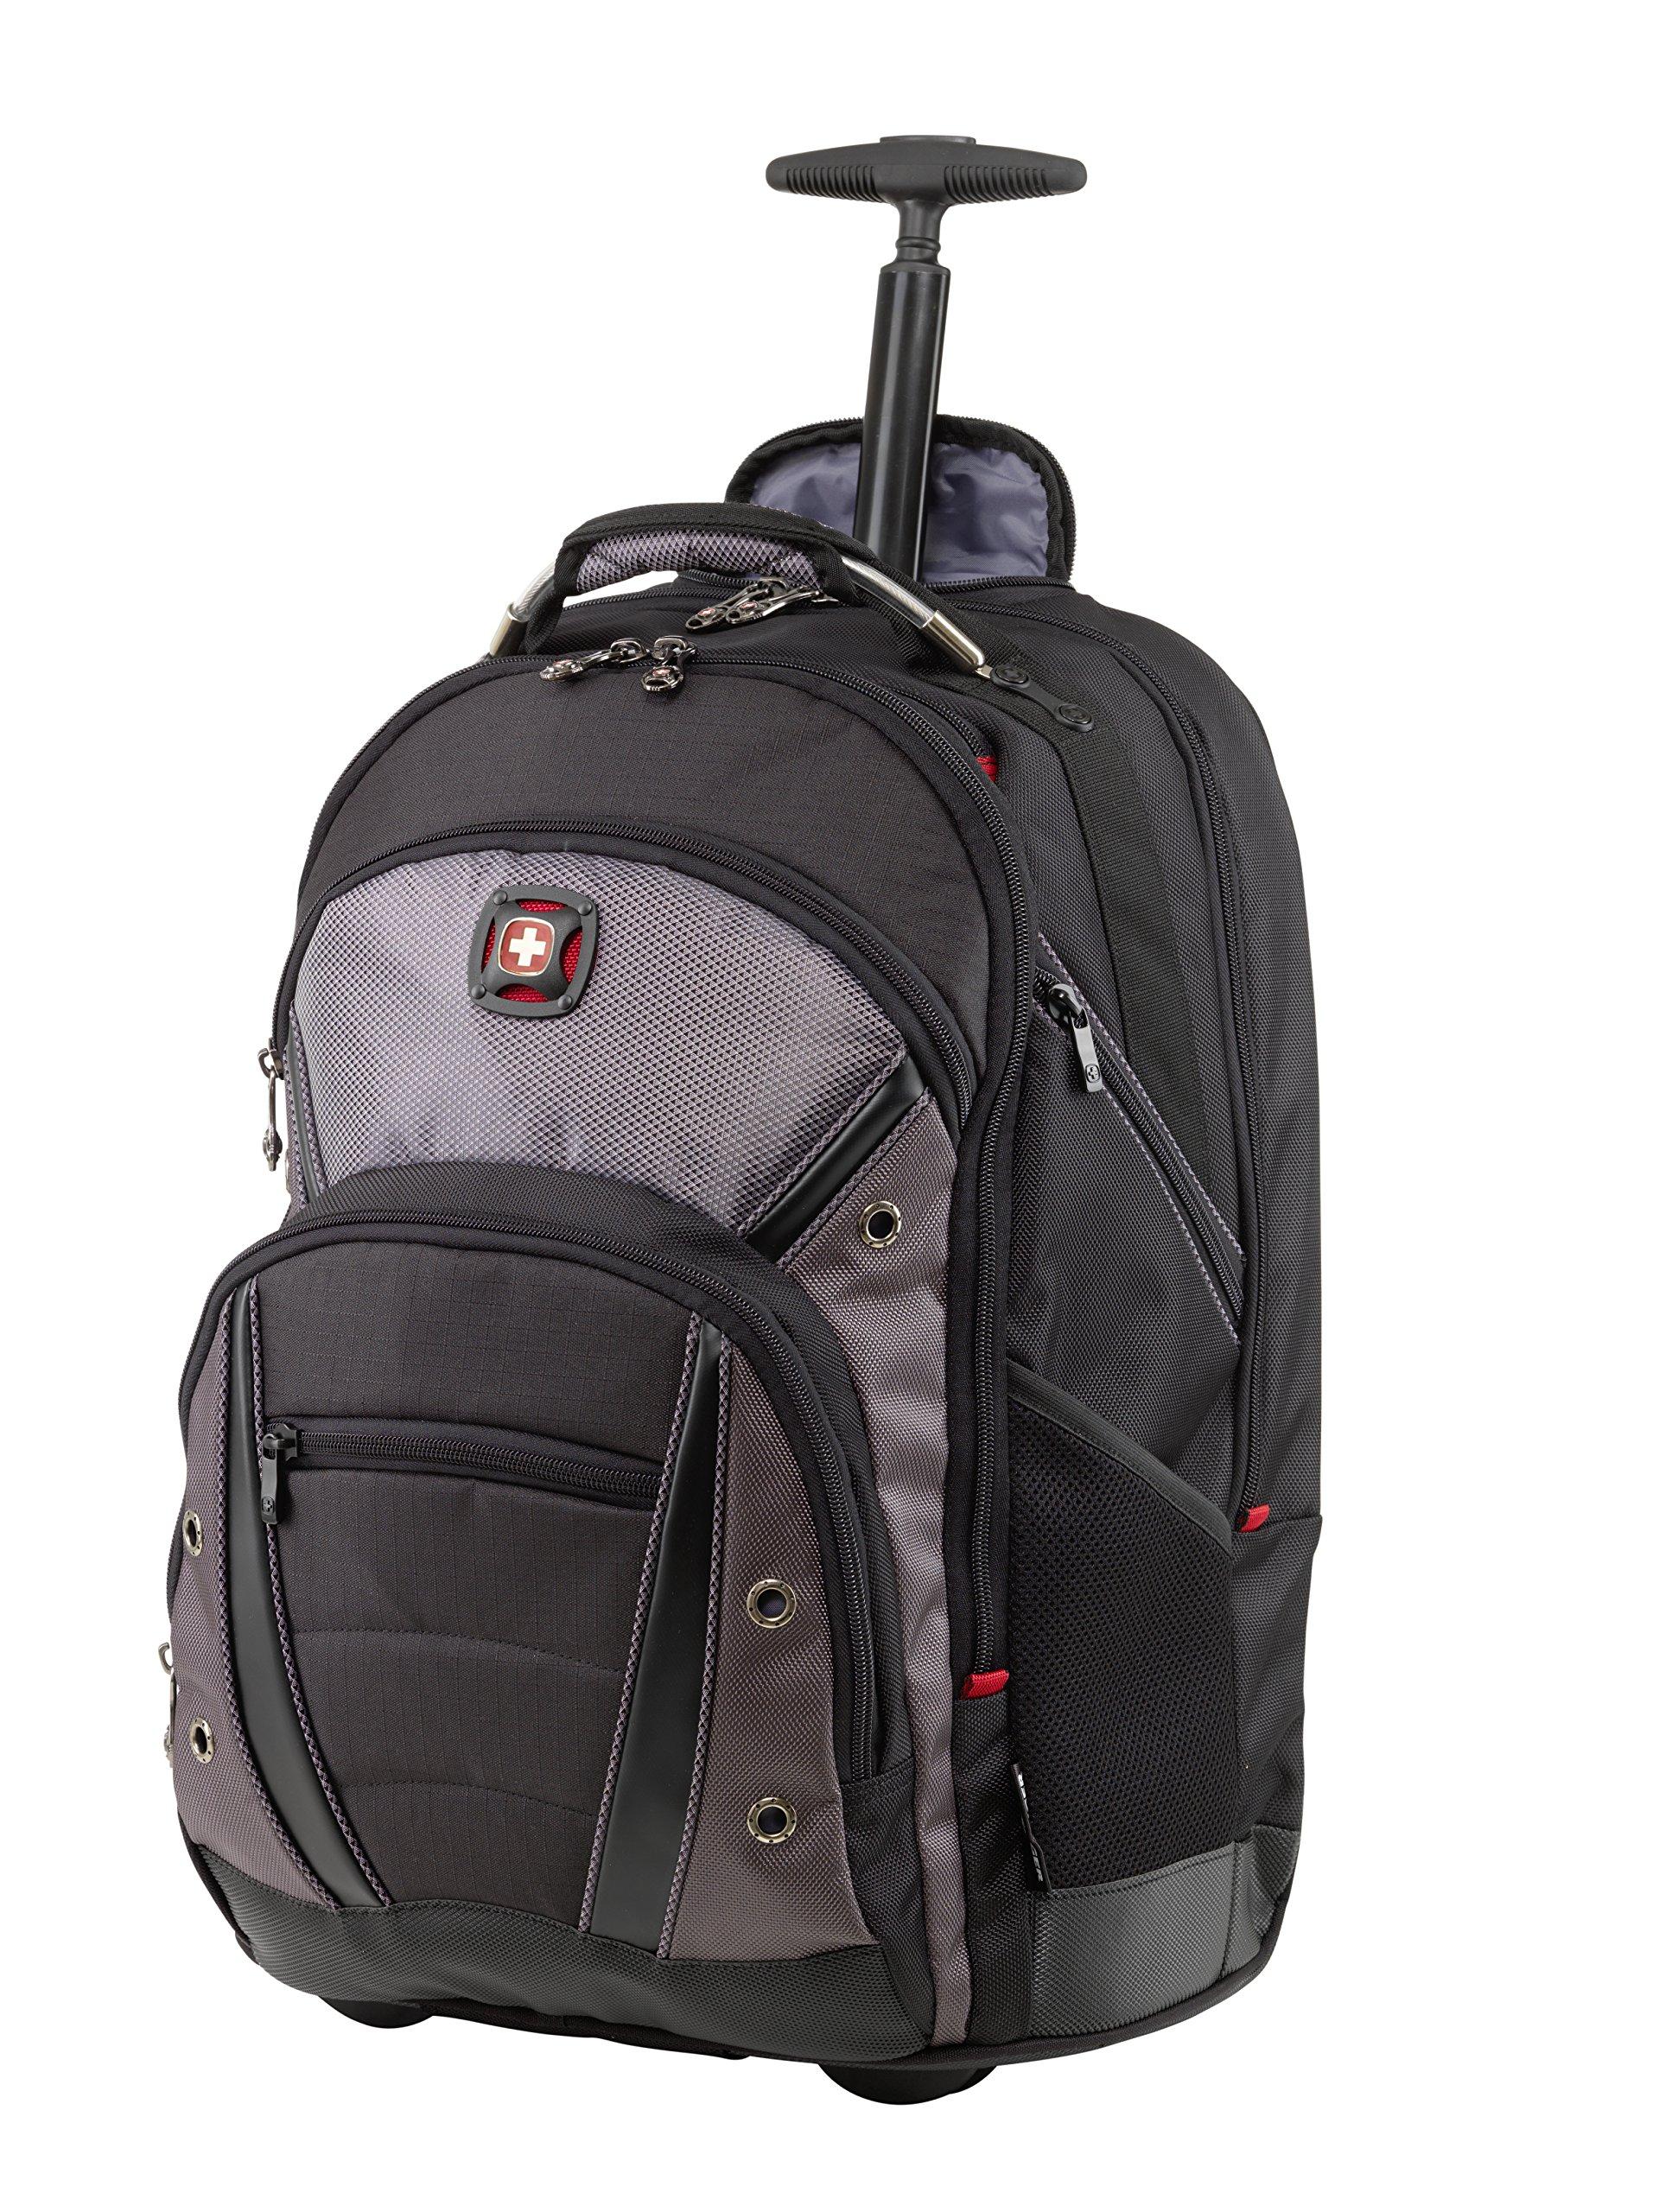 Wenger Luggage Synergy Wheeled 16'' Laptop Backpack Bag, Black/Grey, One Size